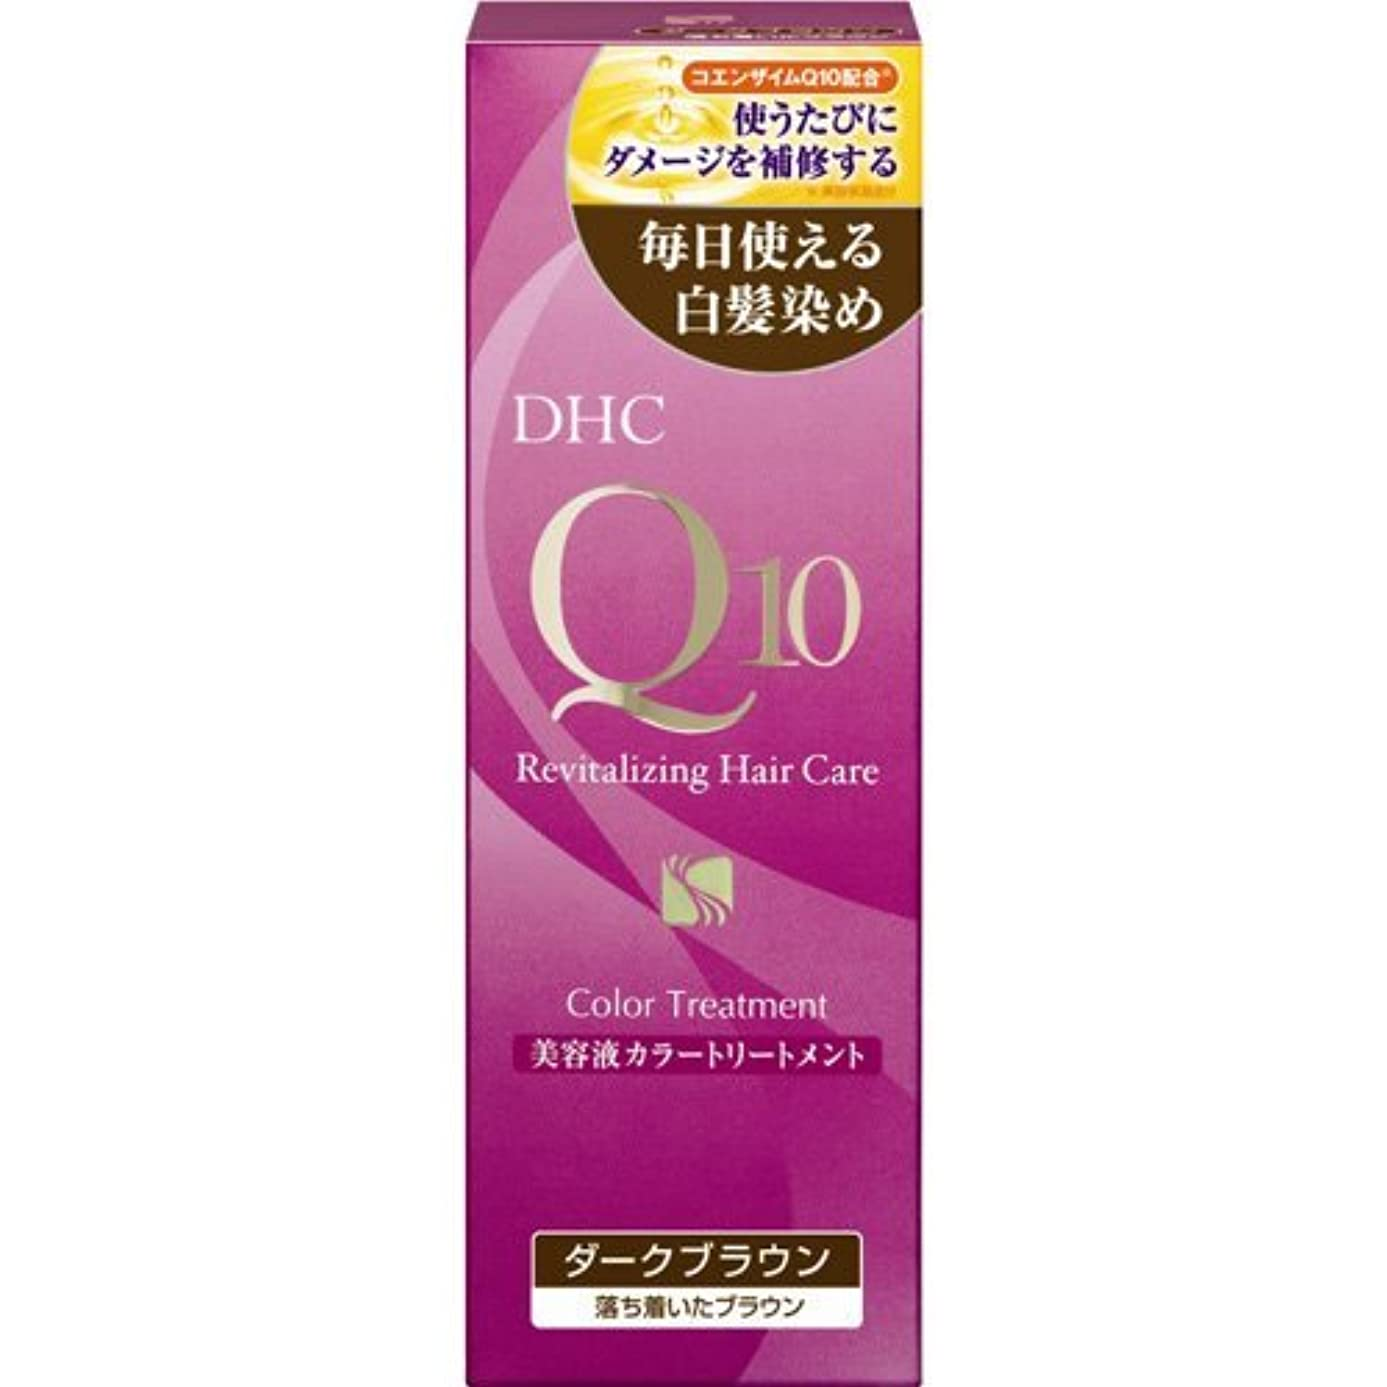 拾うアナウンサービザ【まとめ買い】DHC Q10美溶液カラートリートメントDブラウンSS170g ×3個